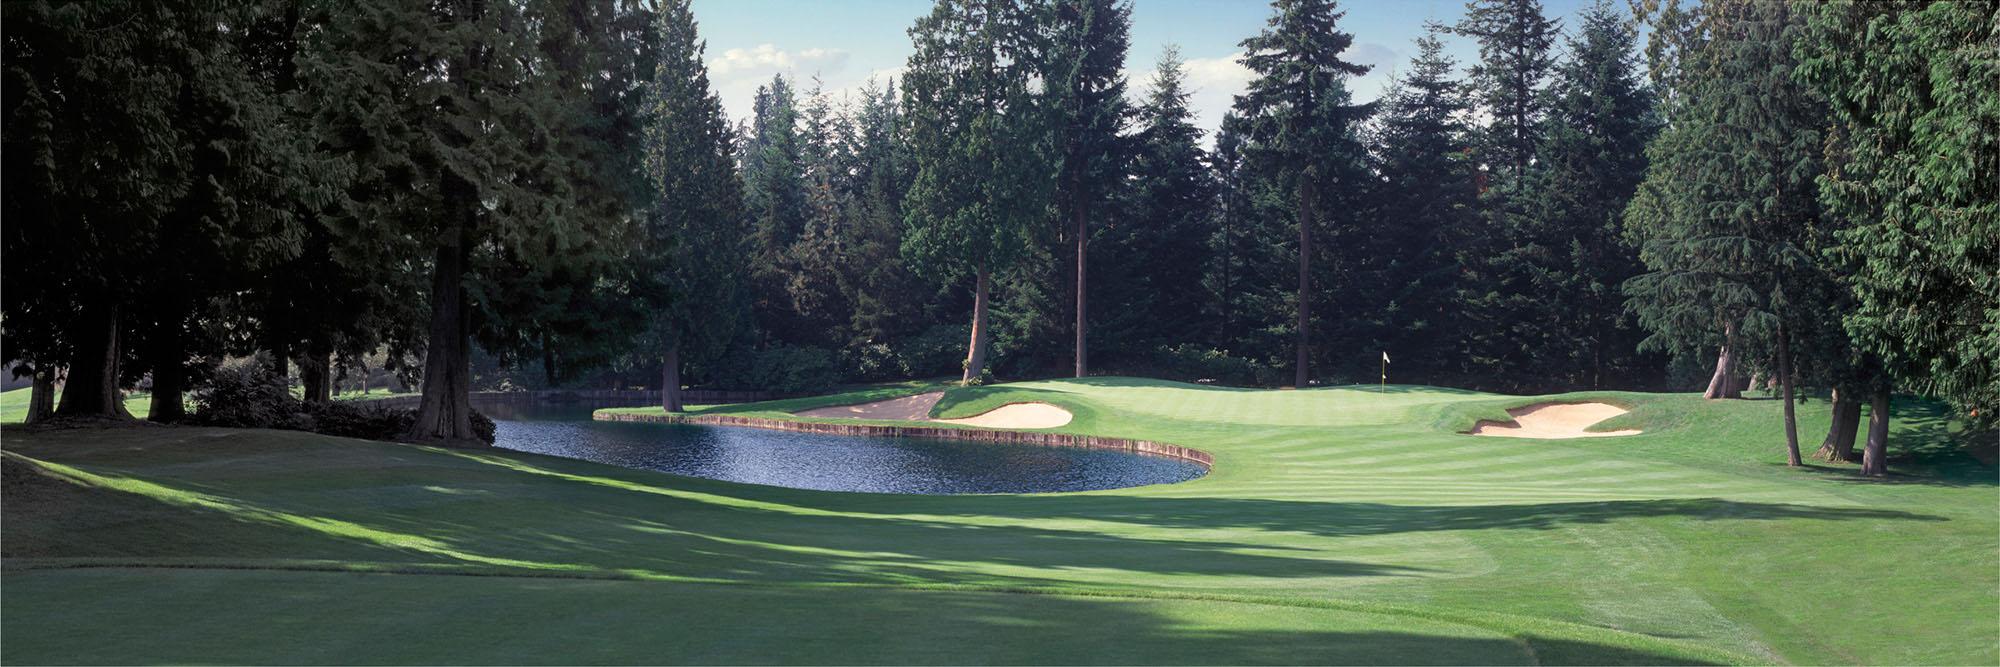 Golf Course Image - Sahalee-South No. 9